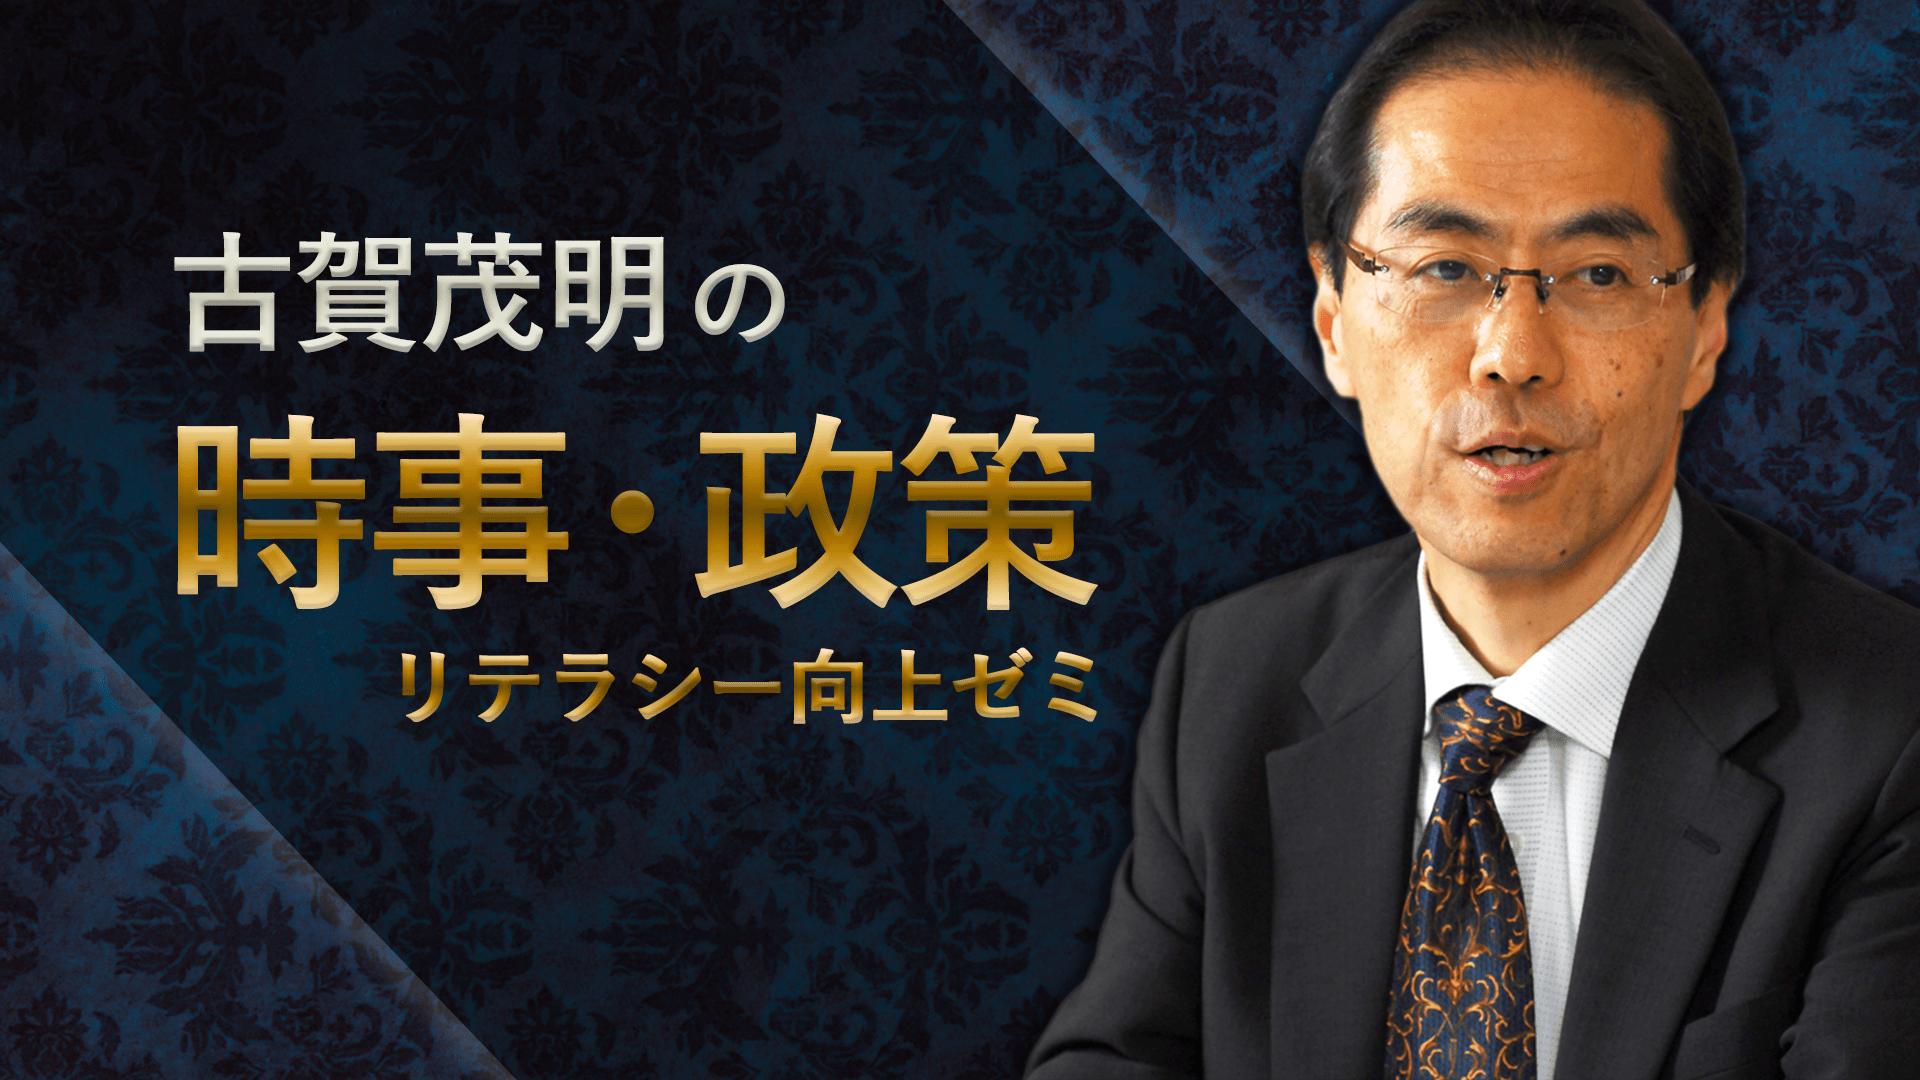 古賀茂明の時事・政策リテラシー向上ゼミ